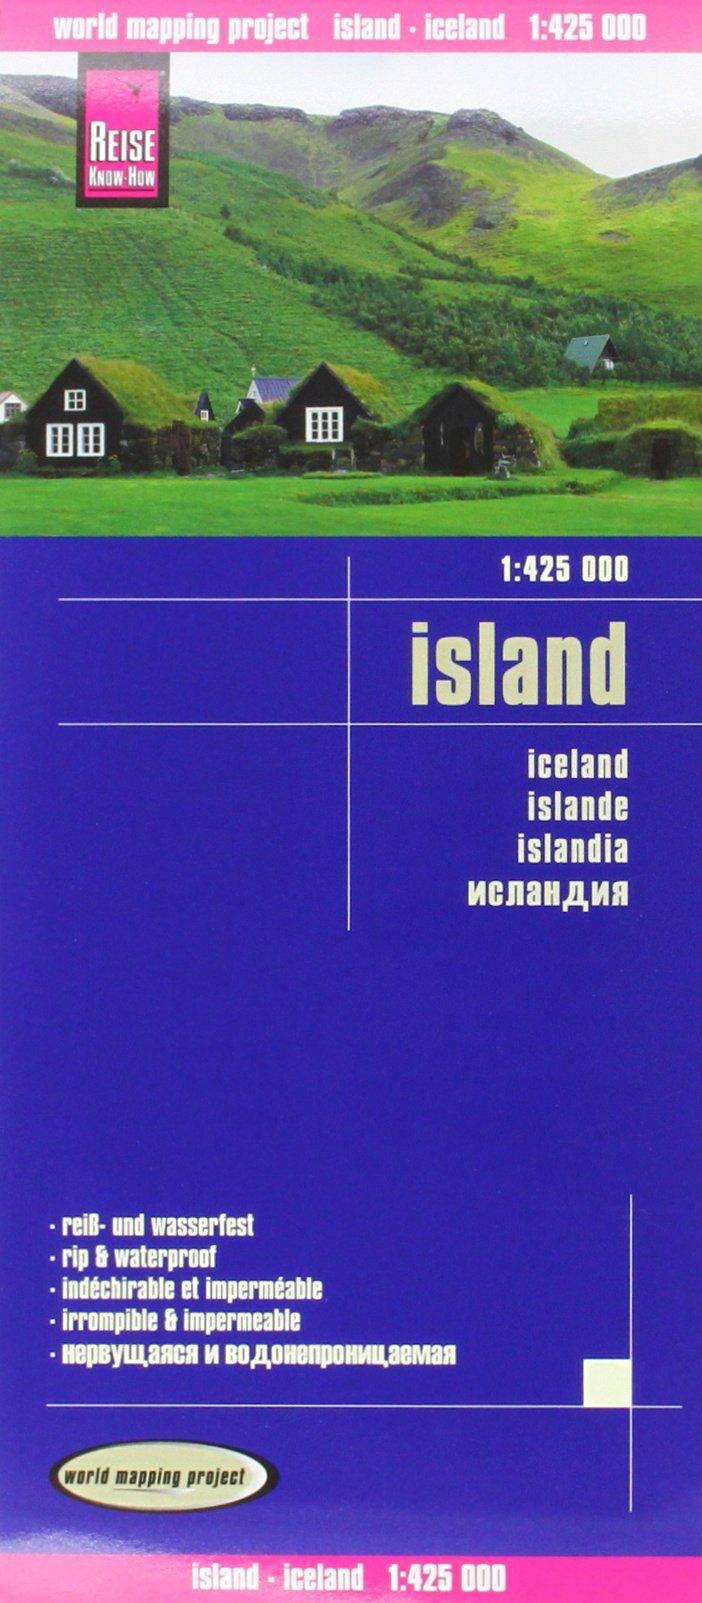 Reise Know-How Landkarte Island (1:425.000): world mapping project: Exakte Höhenlinien. Höhenschichten-Relief. GPS-tauglich durch Gradnetz. Klassifiziertes Straßennetz. Ausführlicher Ortsindex